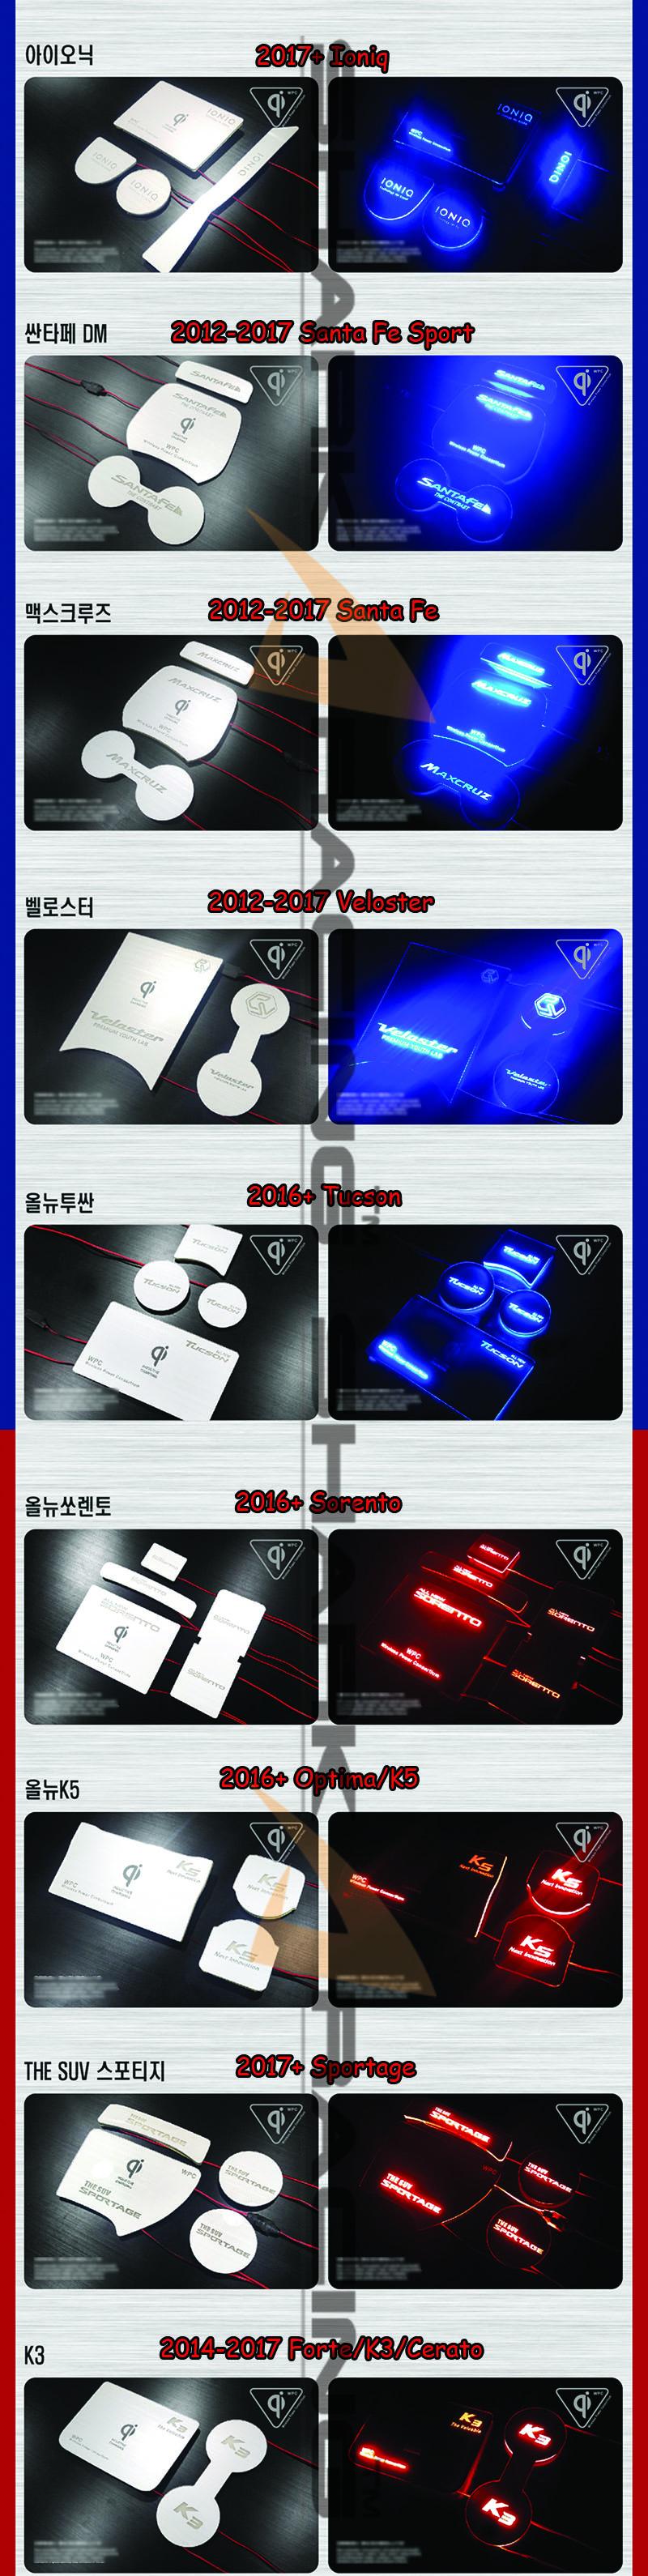 wireless7.jpg